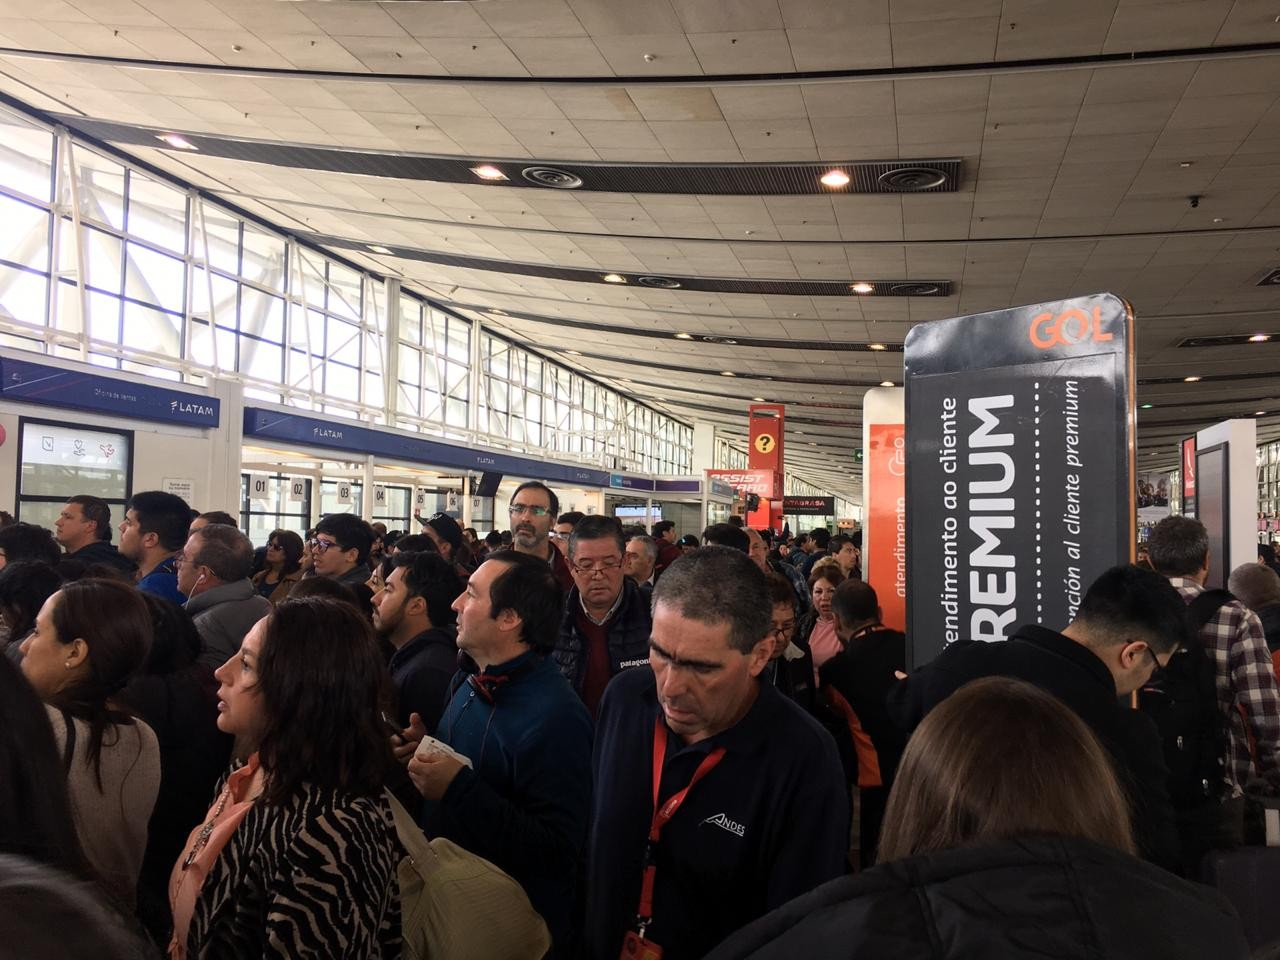 Protestos no Chile afetam voos; veja quais cancelamentos foram divulgados - Notícias - Plantão Diário